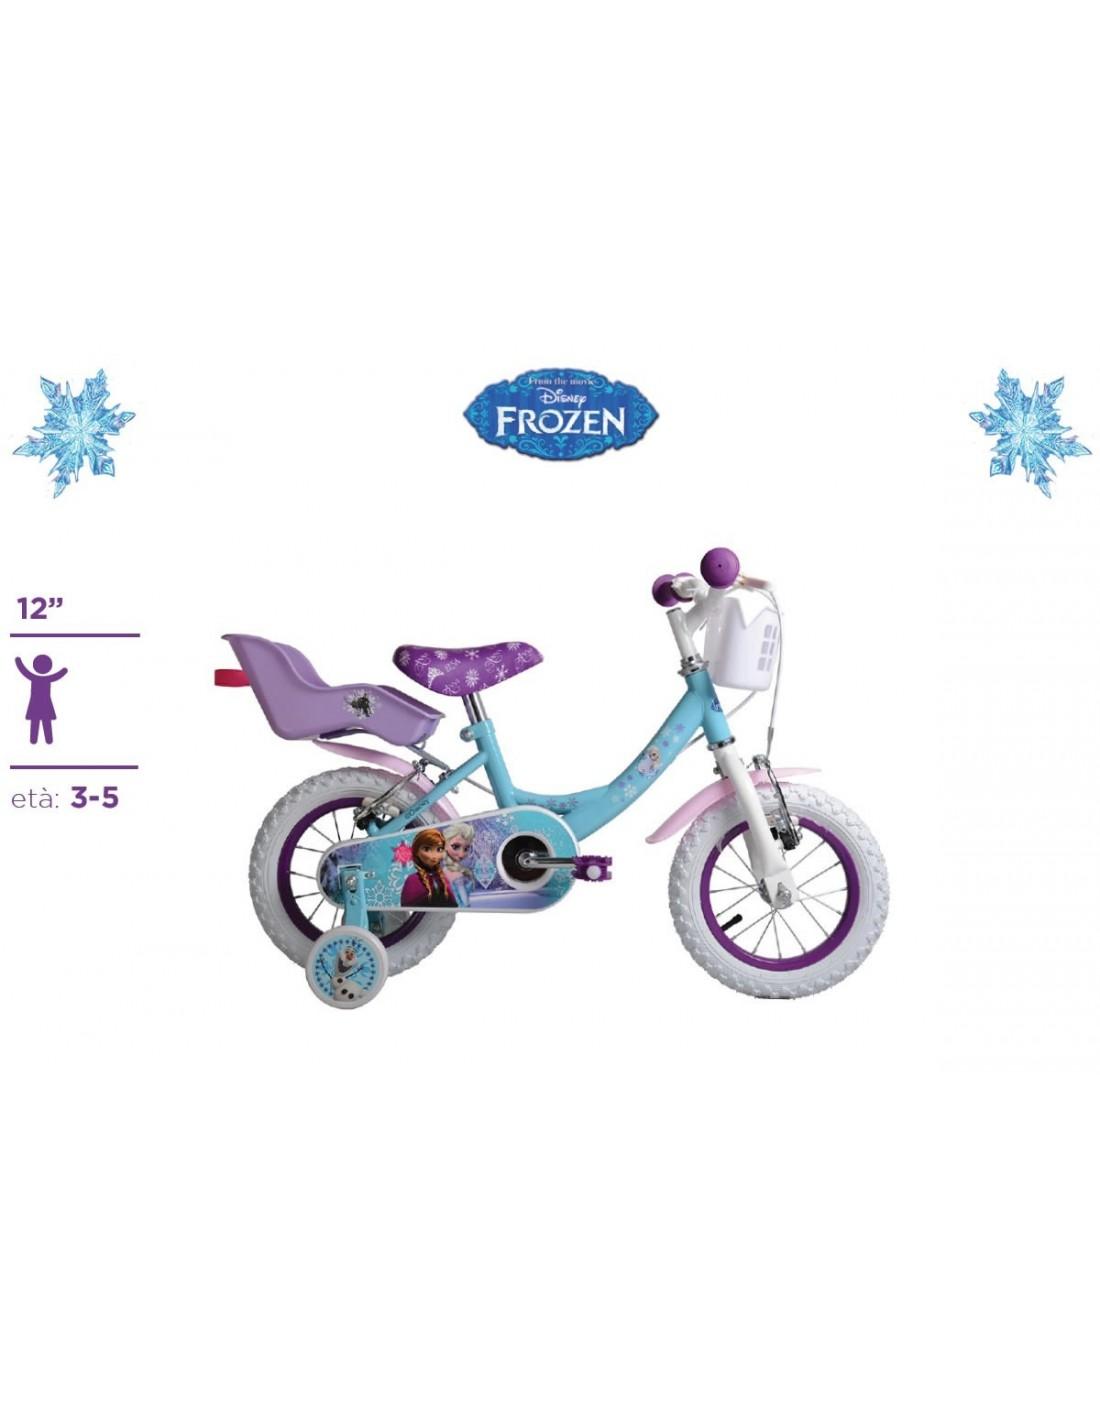 Bicicletta Frozen Originale Disney Ruote 12 Con Cuscinetti A Sfera Eta 3 4 Anni